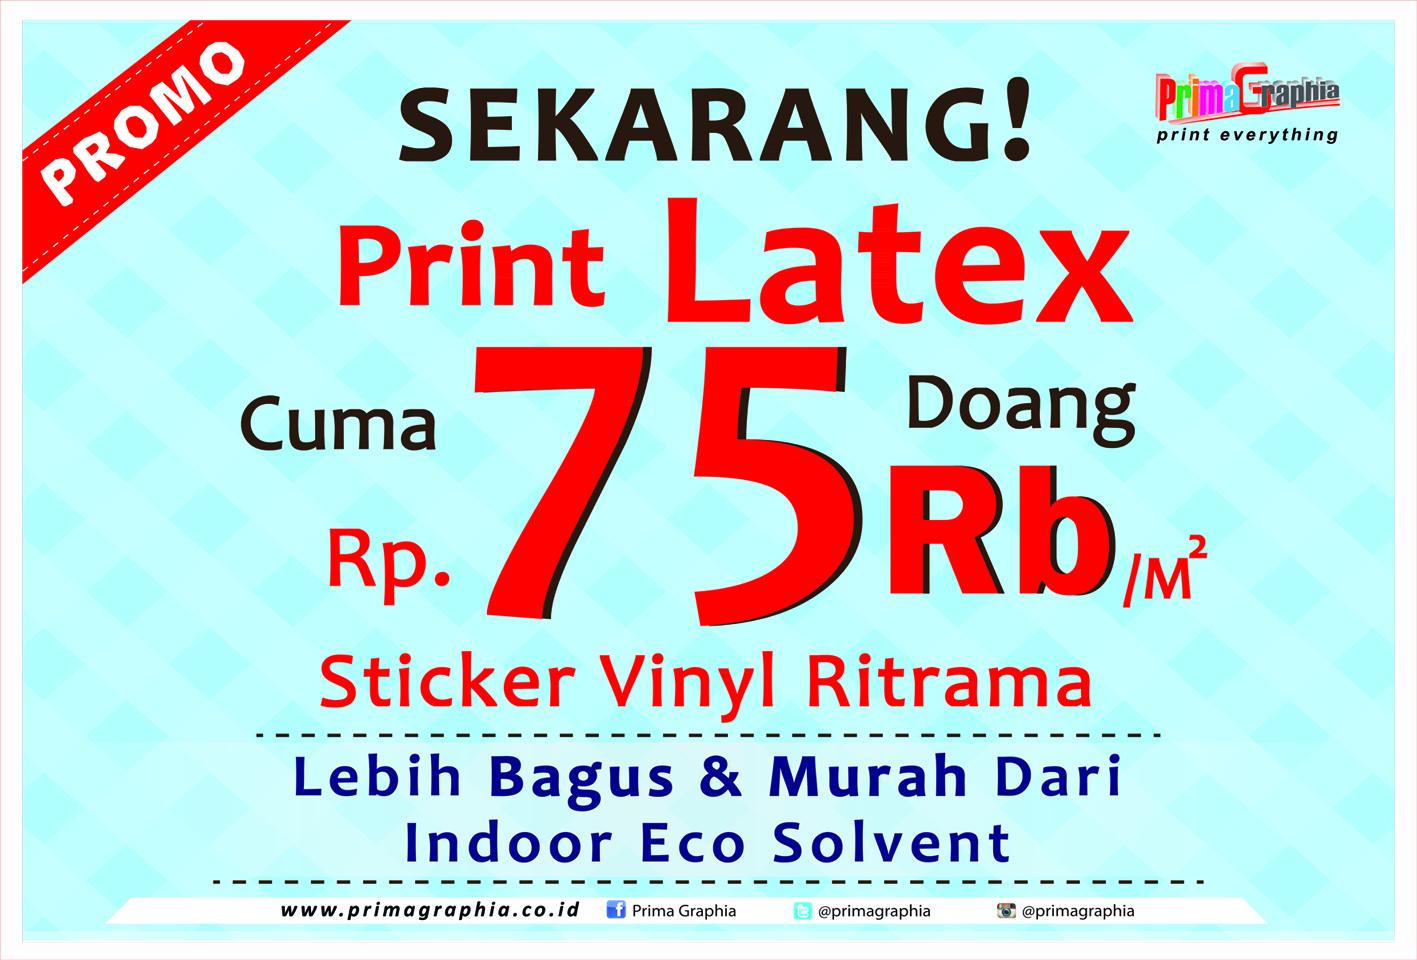 Promo Vinyl Ritrama Latex Primagraphia Express Stiker Vinil Kualitas Bagus Sekarang Cetak Hanya Rp 75000 M Loh